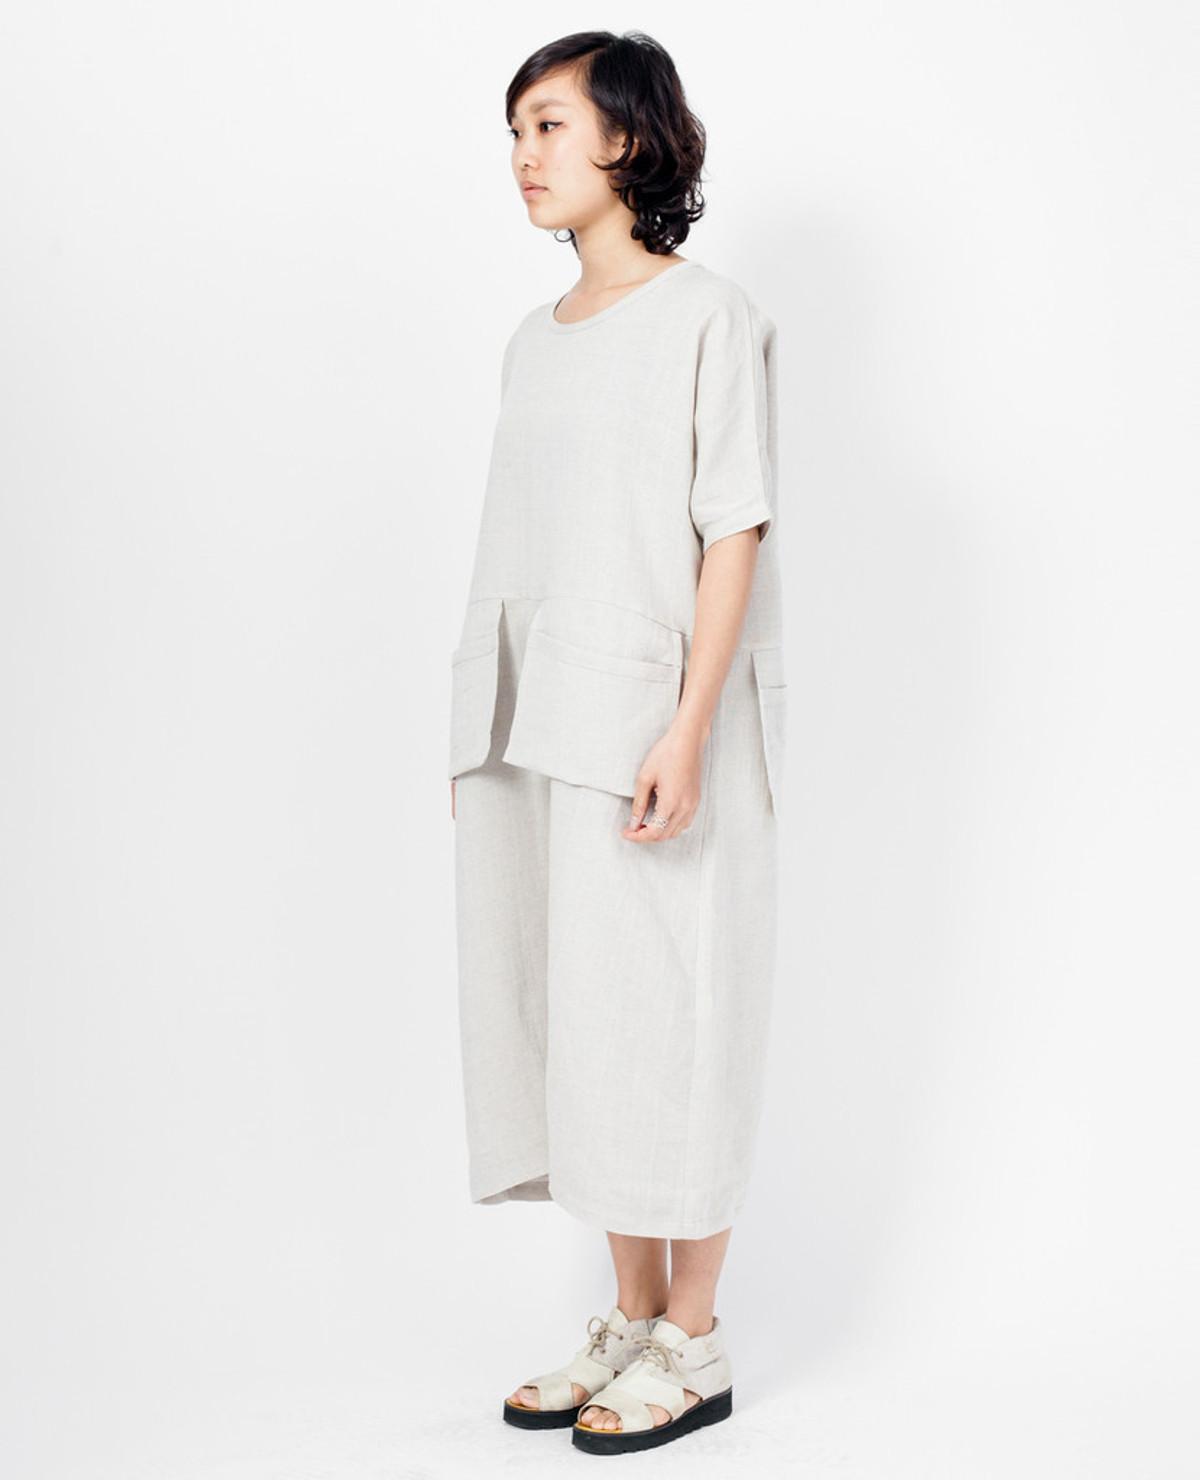 Grock Jumpsuit - Natural Linen